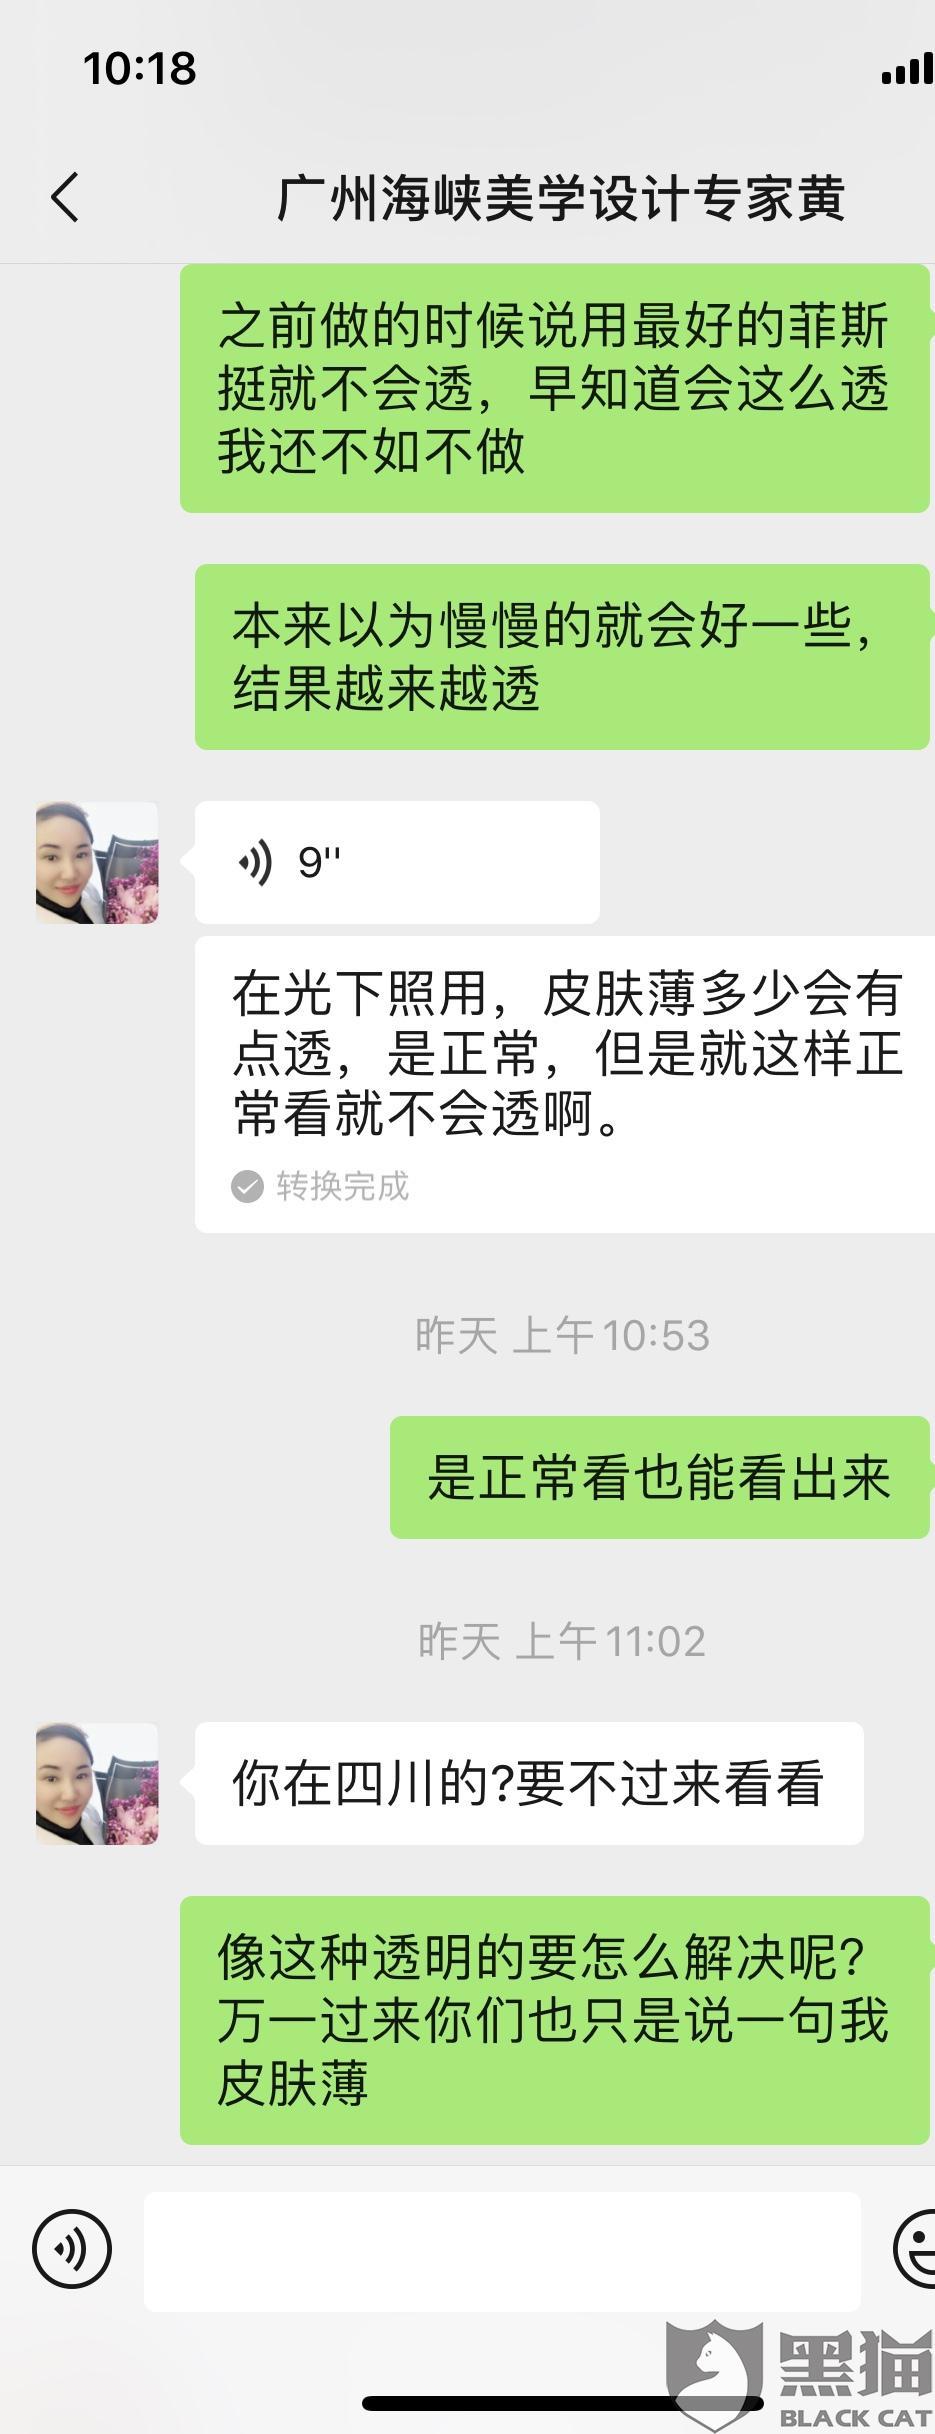 黑猫投诉:广州海峡整形医院隆鼻失败推卸责任